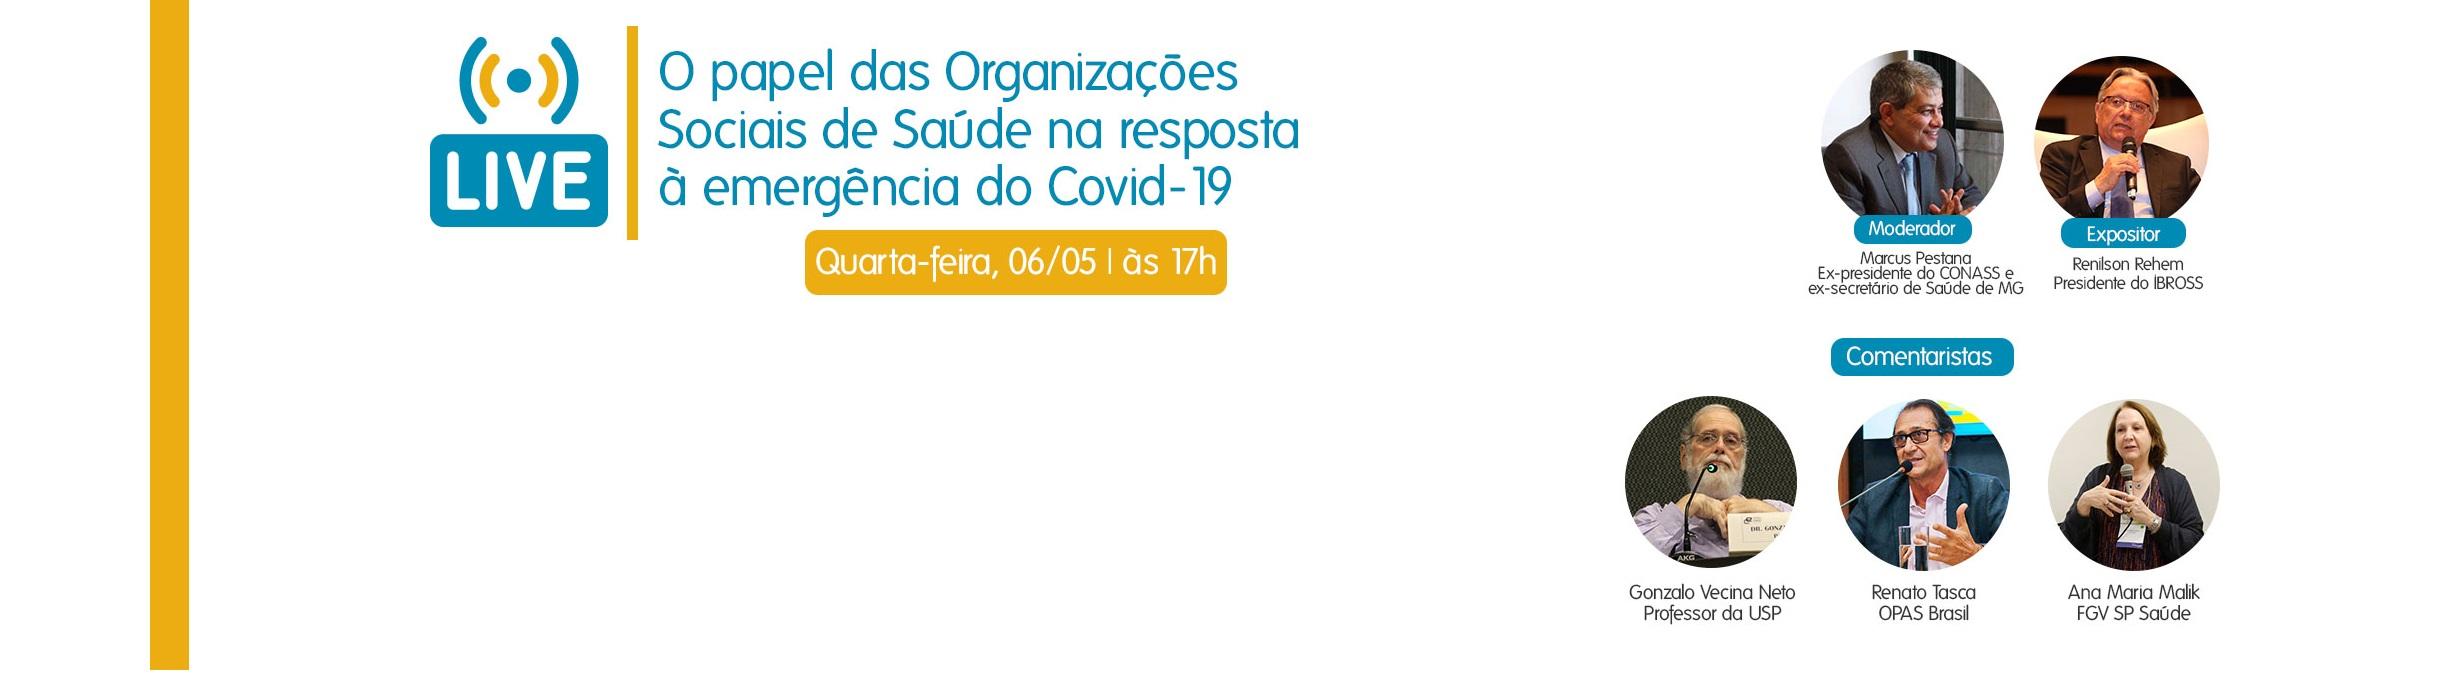 Live discute a atuação das Organizações Sociais de Saúde no enfrentamento do COVID-19